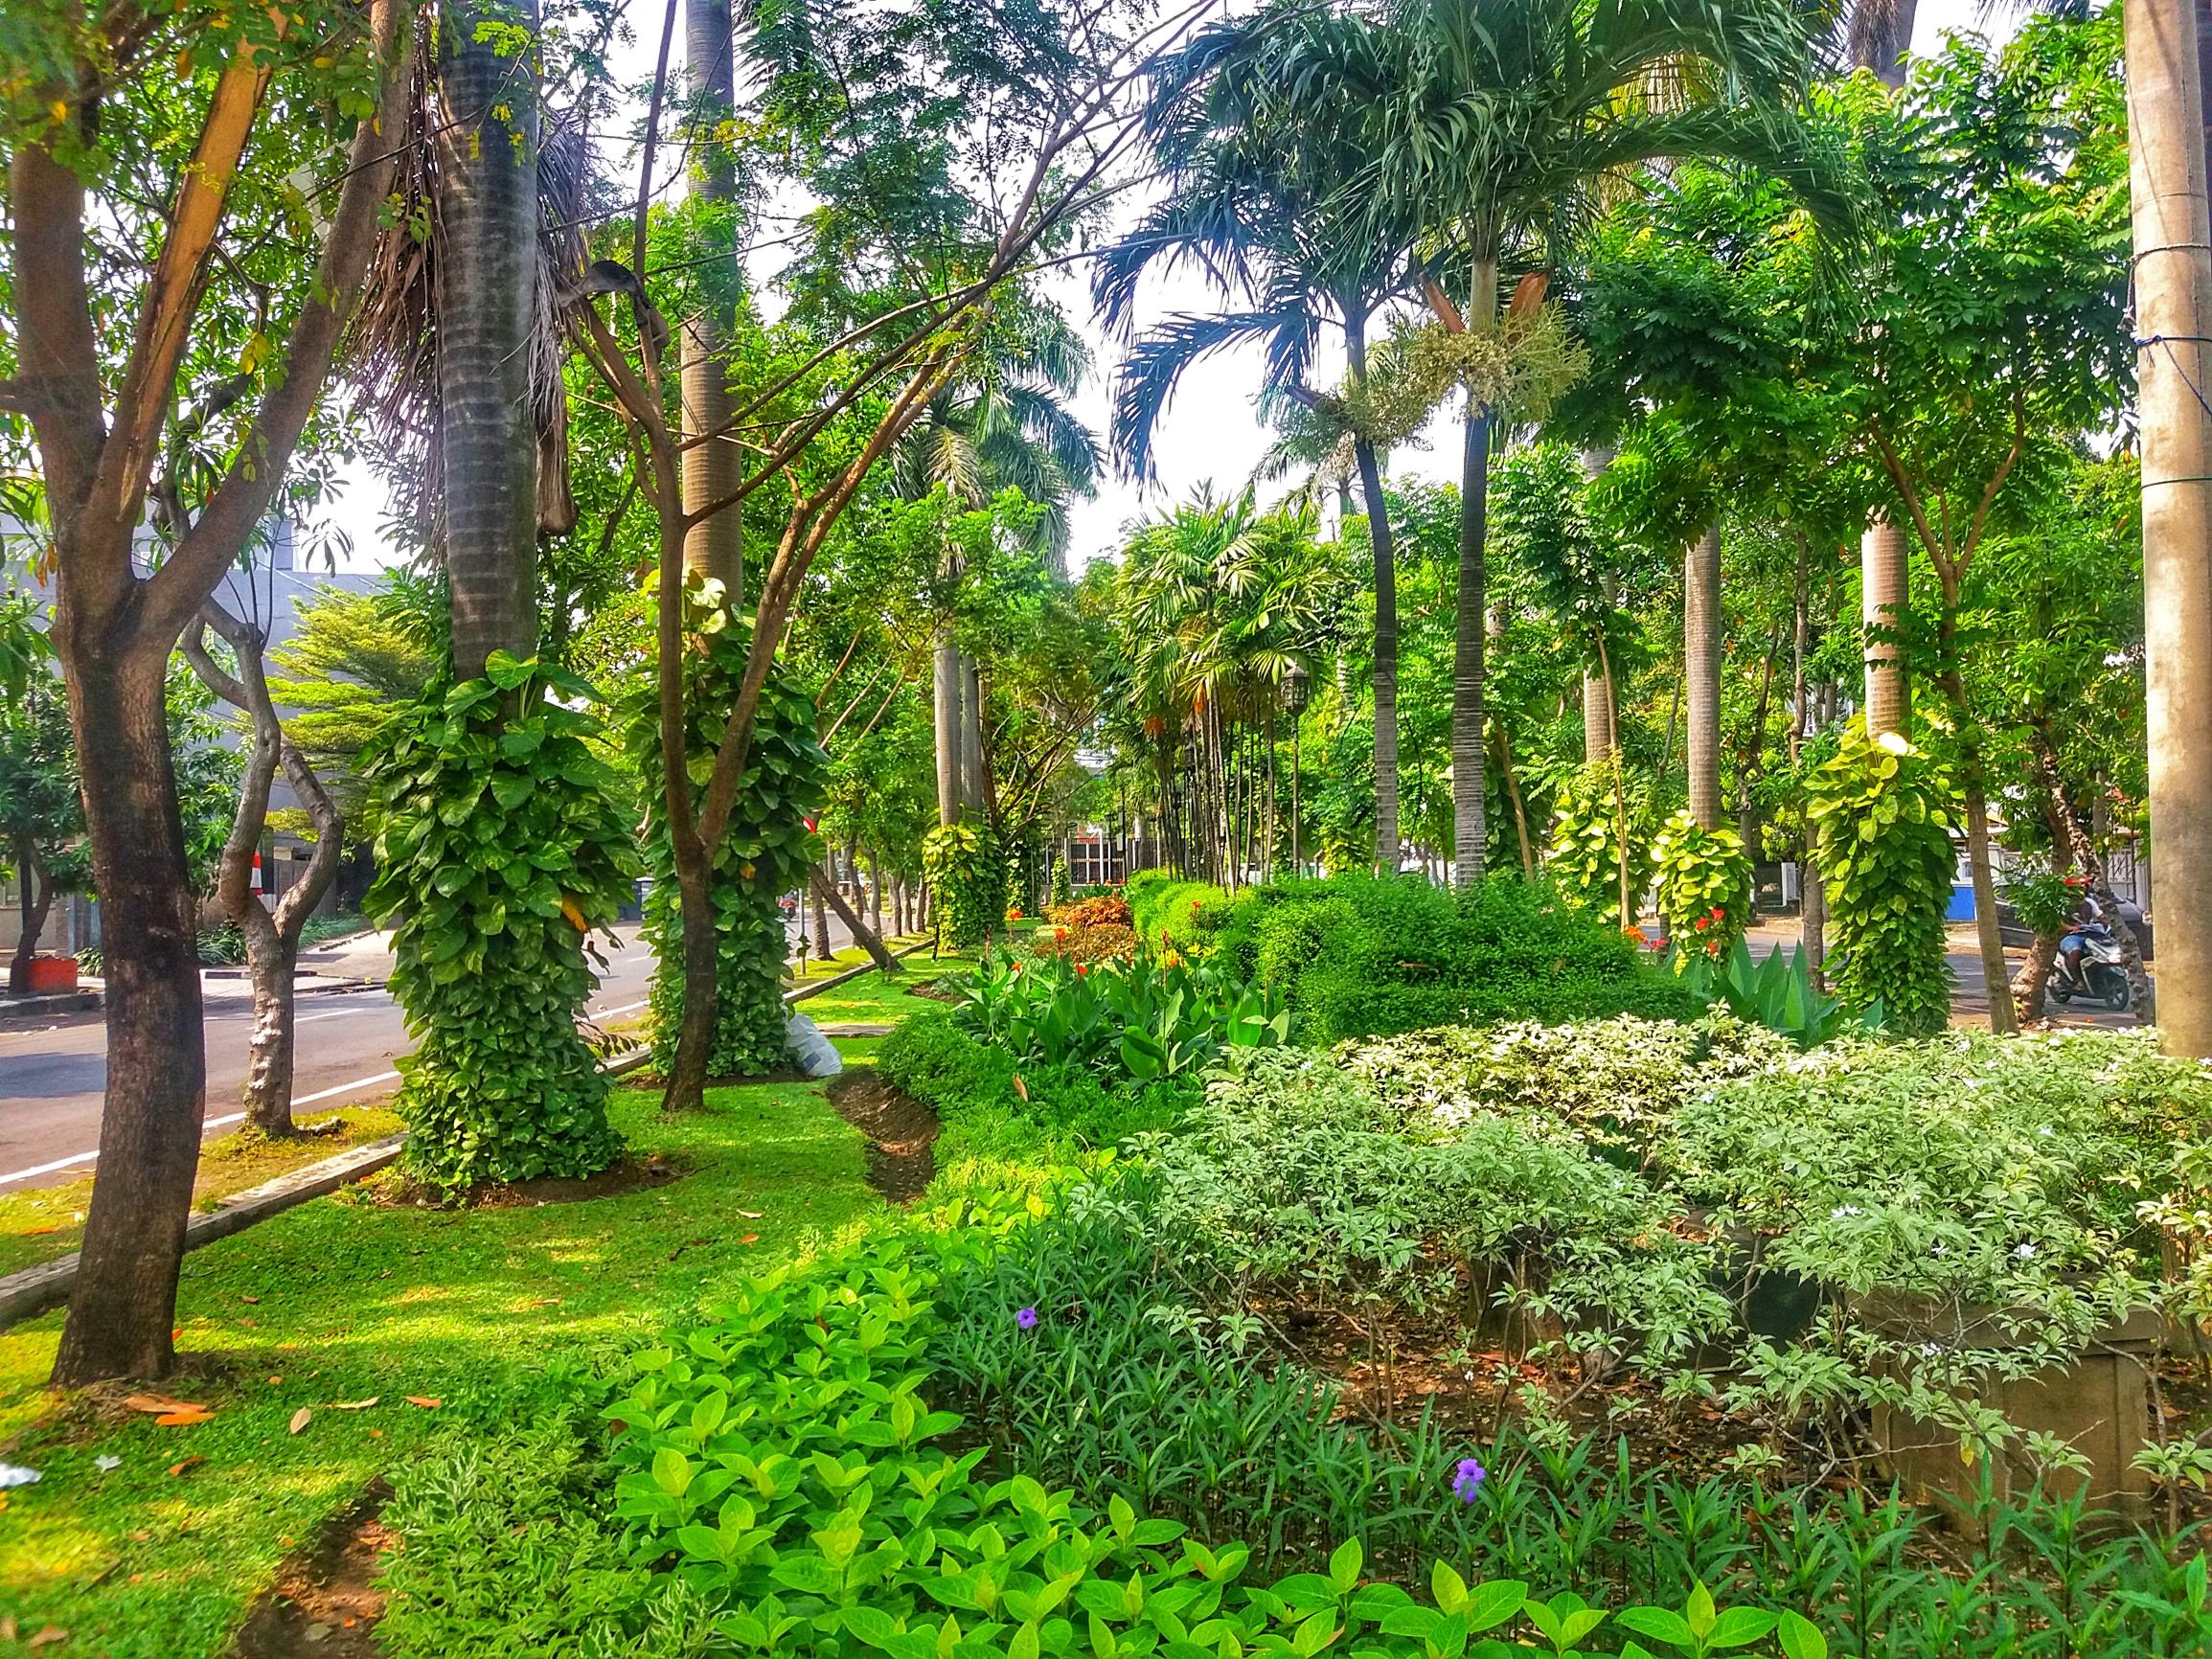 Taman M. Duryat